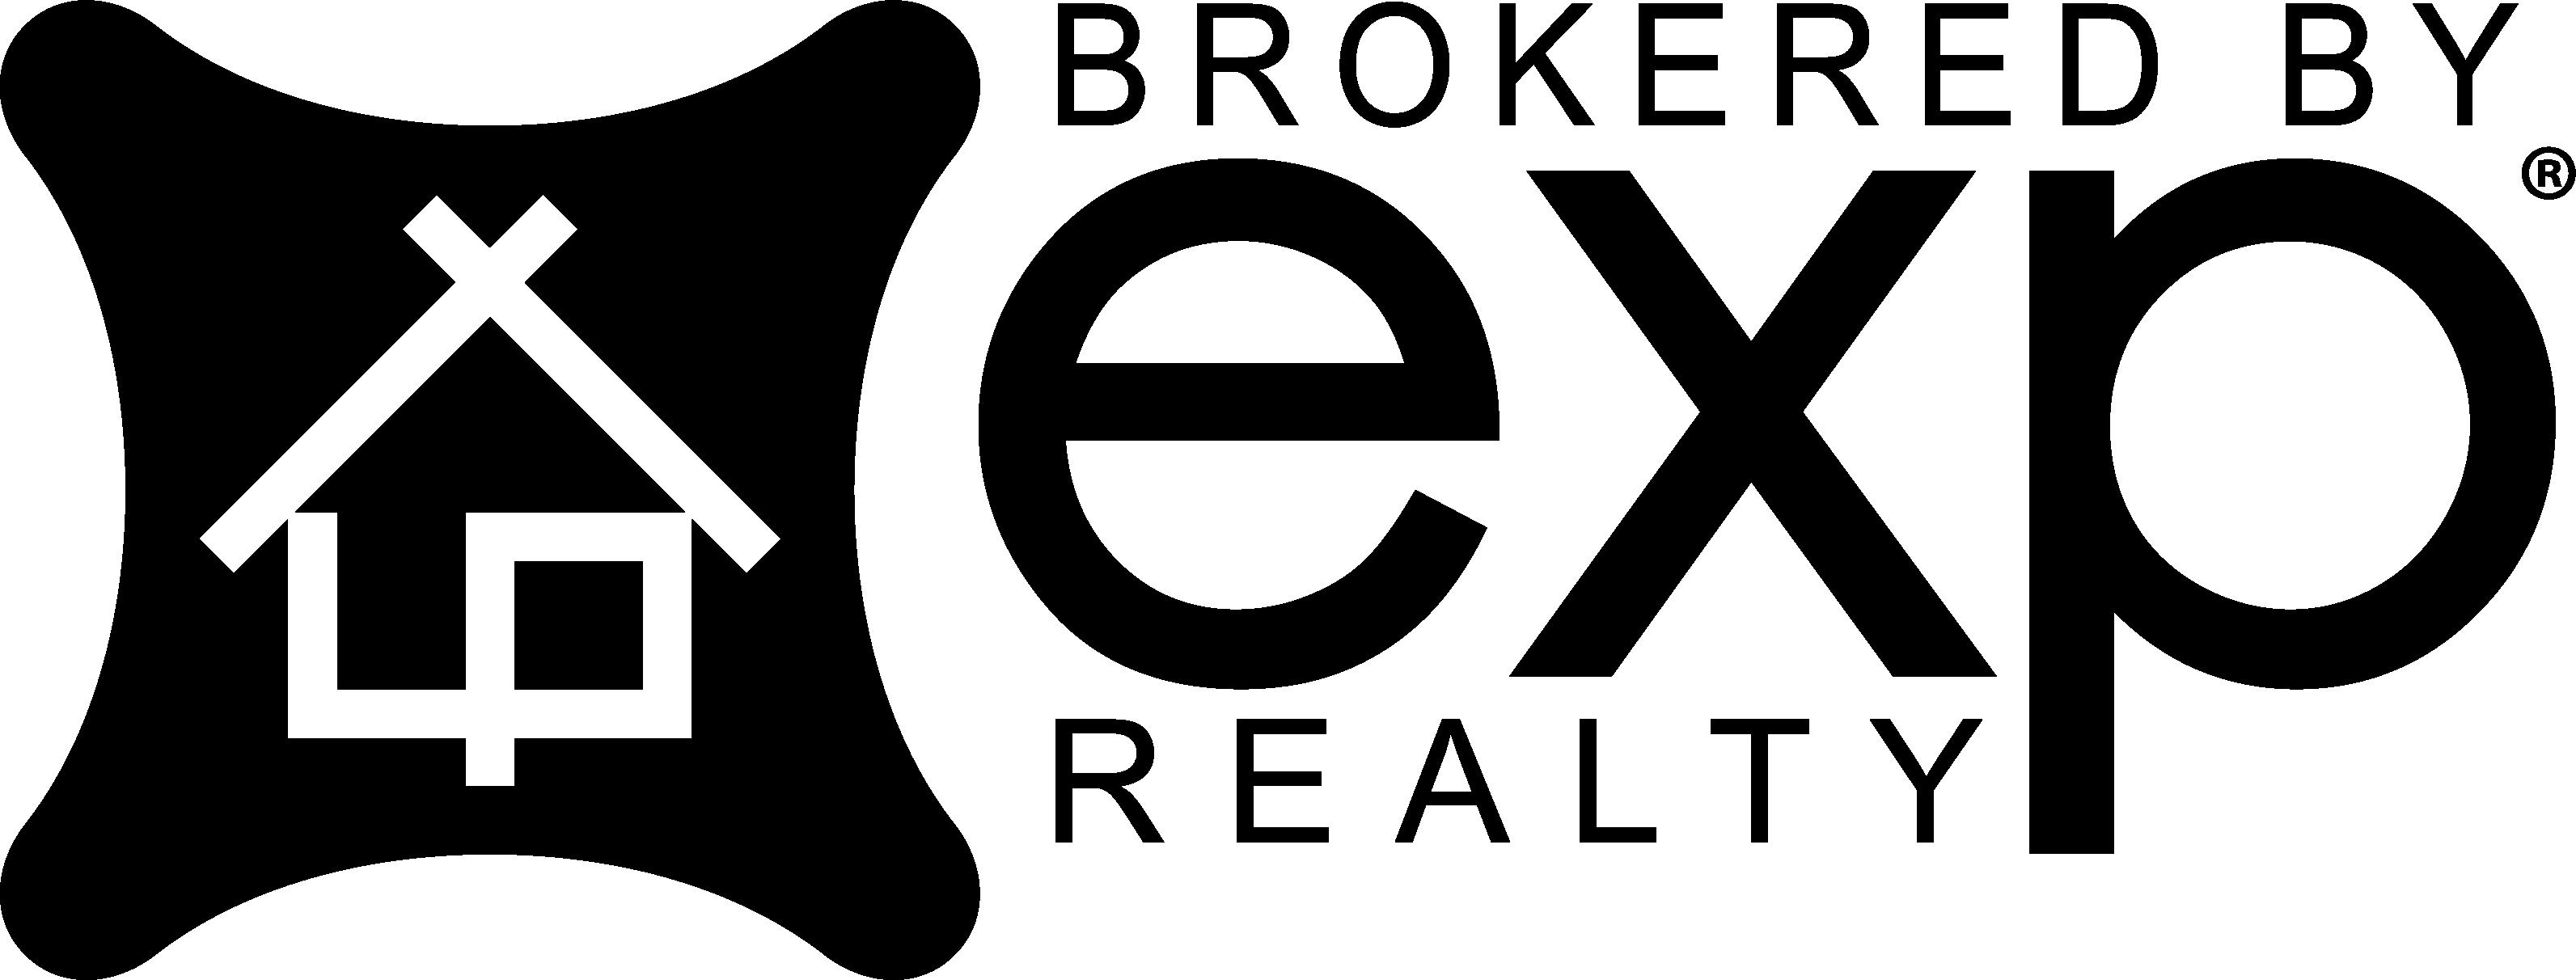 Upper Left Homes - eXp Realty logo